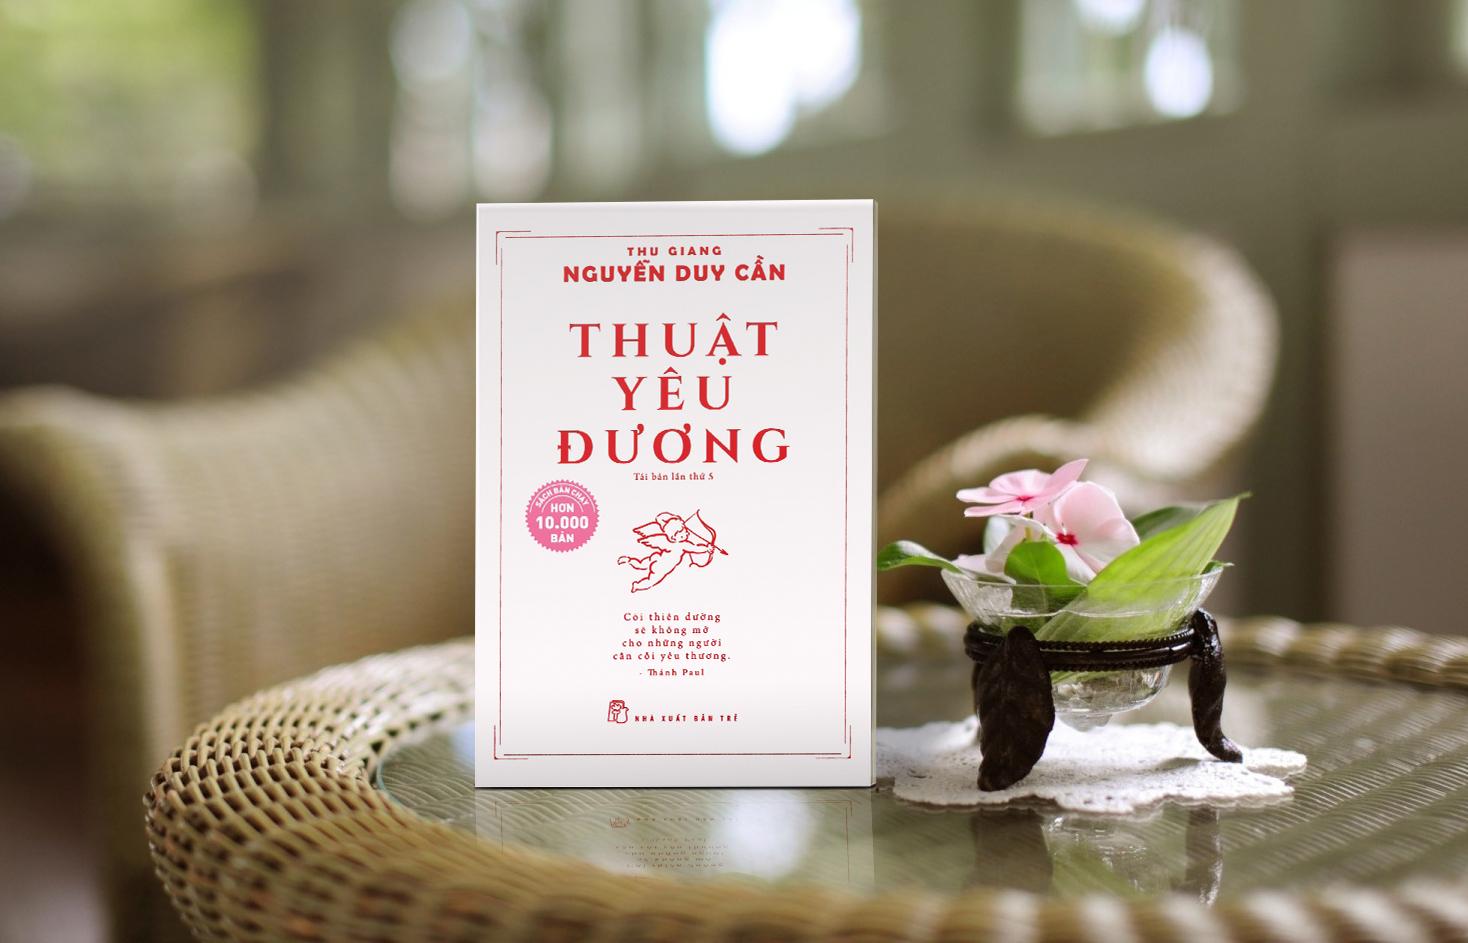 review-sach-thuat-yeu-duong-thu-giang-nguyen-duy-can